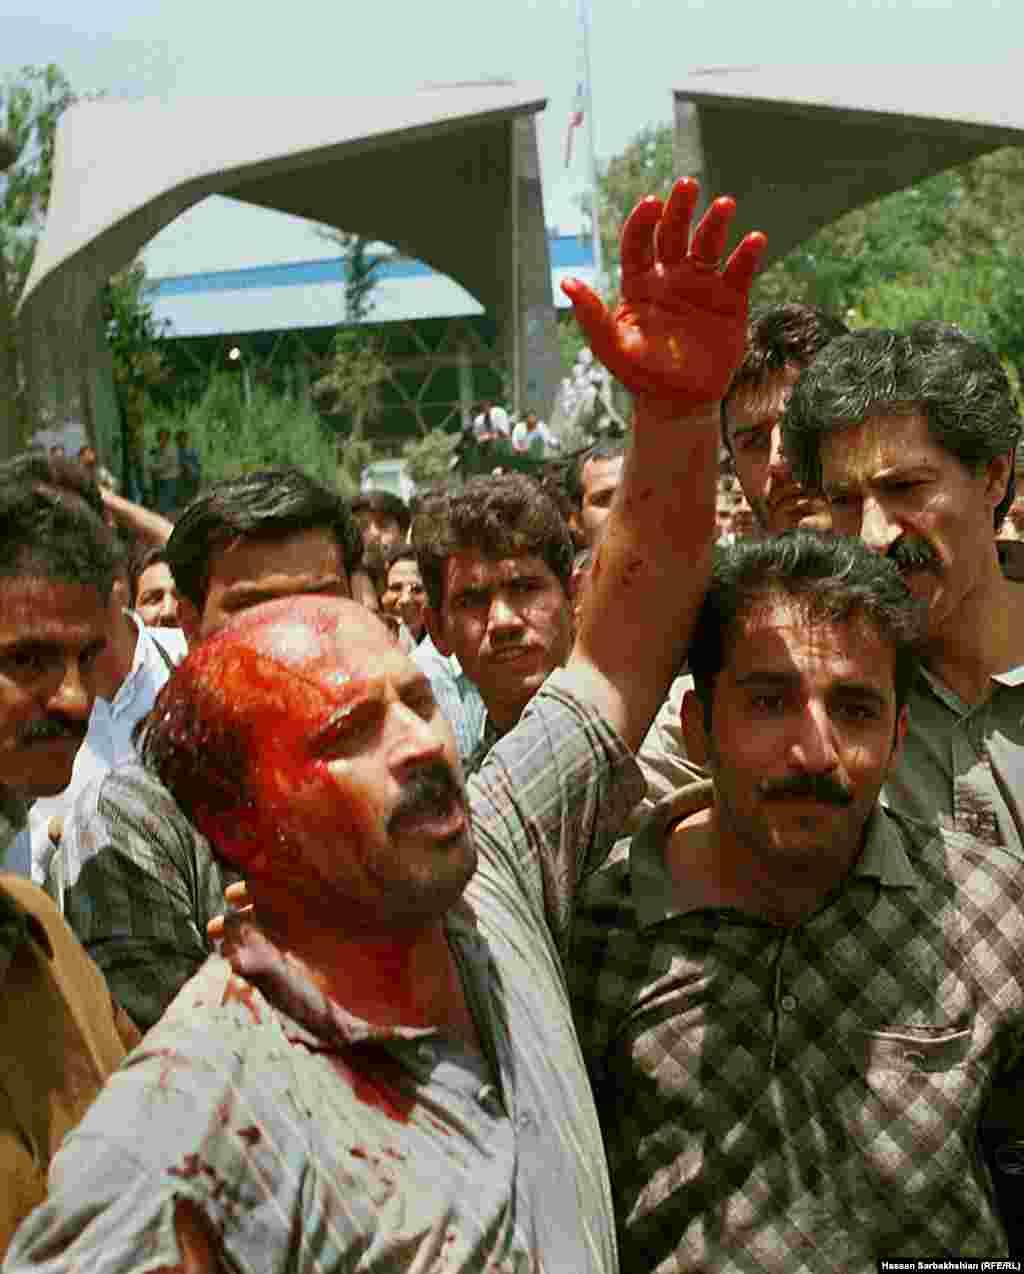 محمد خاتمی، رئیسجمهوری وقت، زمانی گفته بود نگران آن است که جای شاکيان و متهمان حادثه کوی دانشگاه عوض شود.